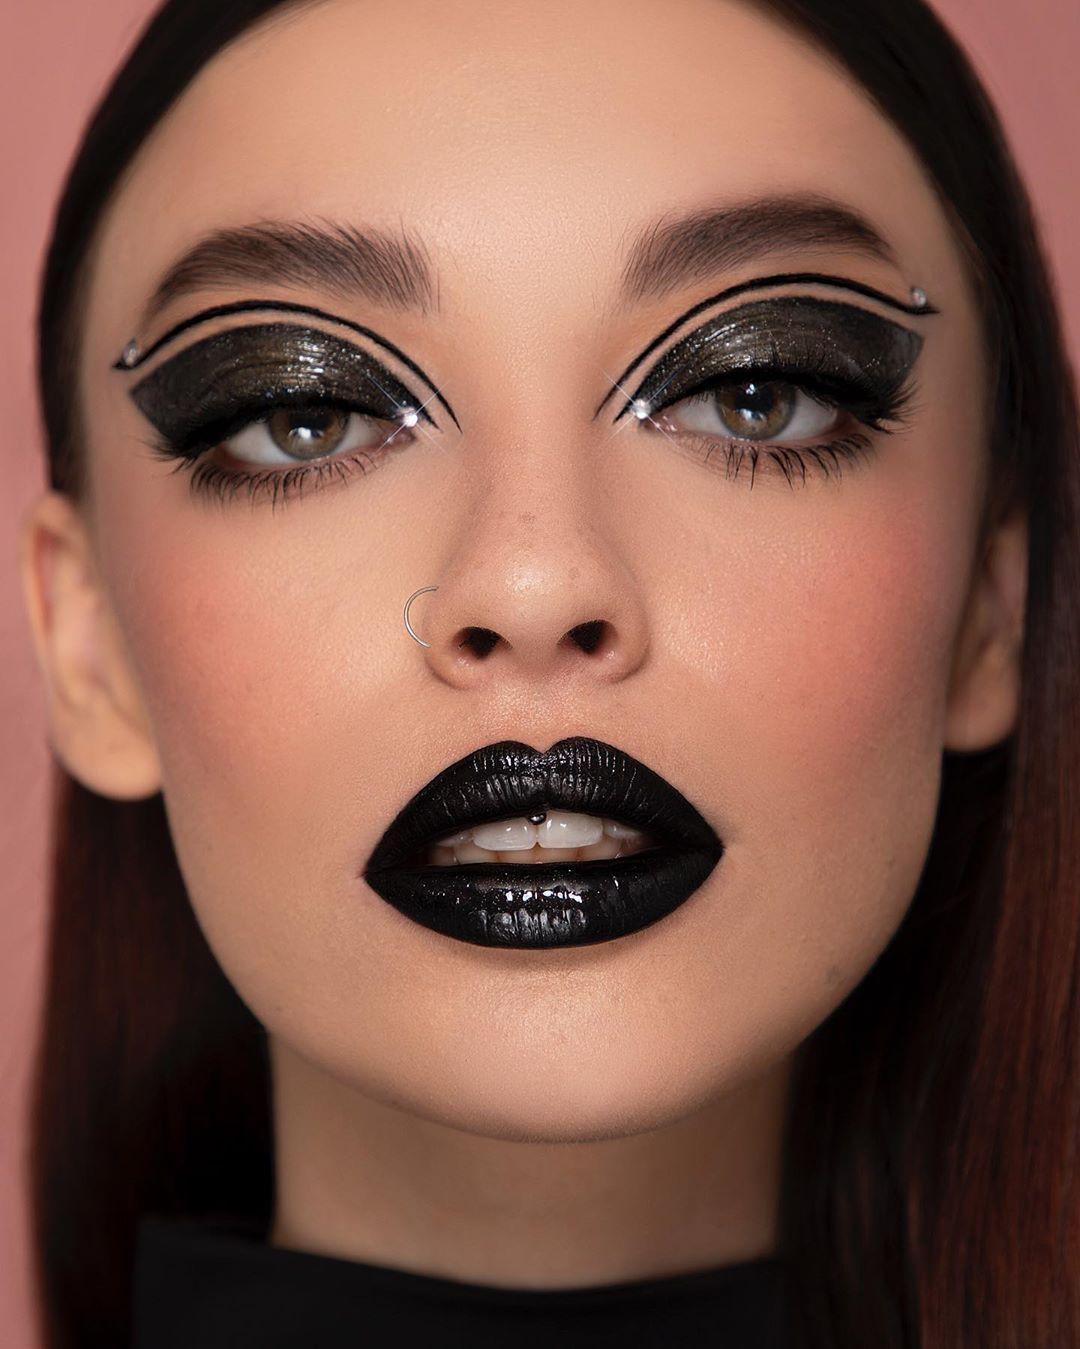 """JUAN DAVID FERRAZZO 🌹 on Instagram: """"🖤✨GLOSSY DARKNESS ✨🖤 Look editorial !!! Maquillaje y fotografía por mi @juandavidferrazzo  Modelo: @leidydelah  Productos:  Preparación…"""""""